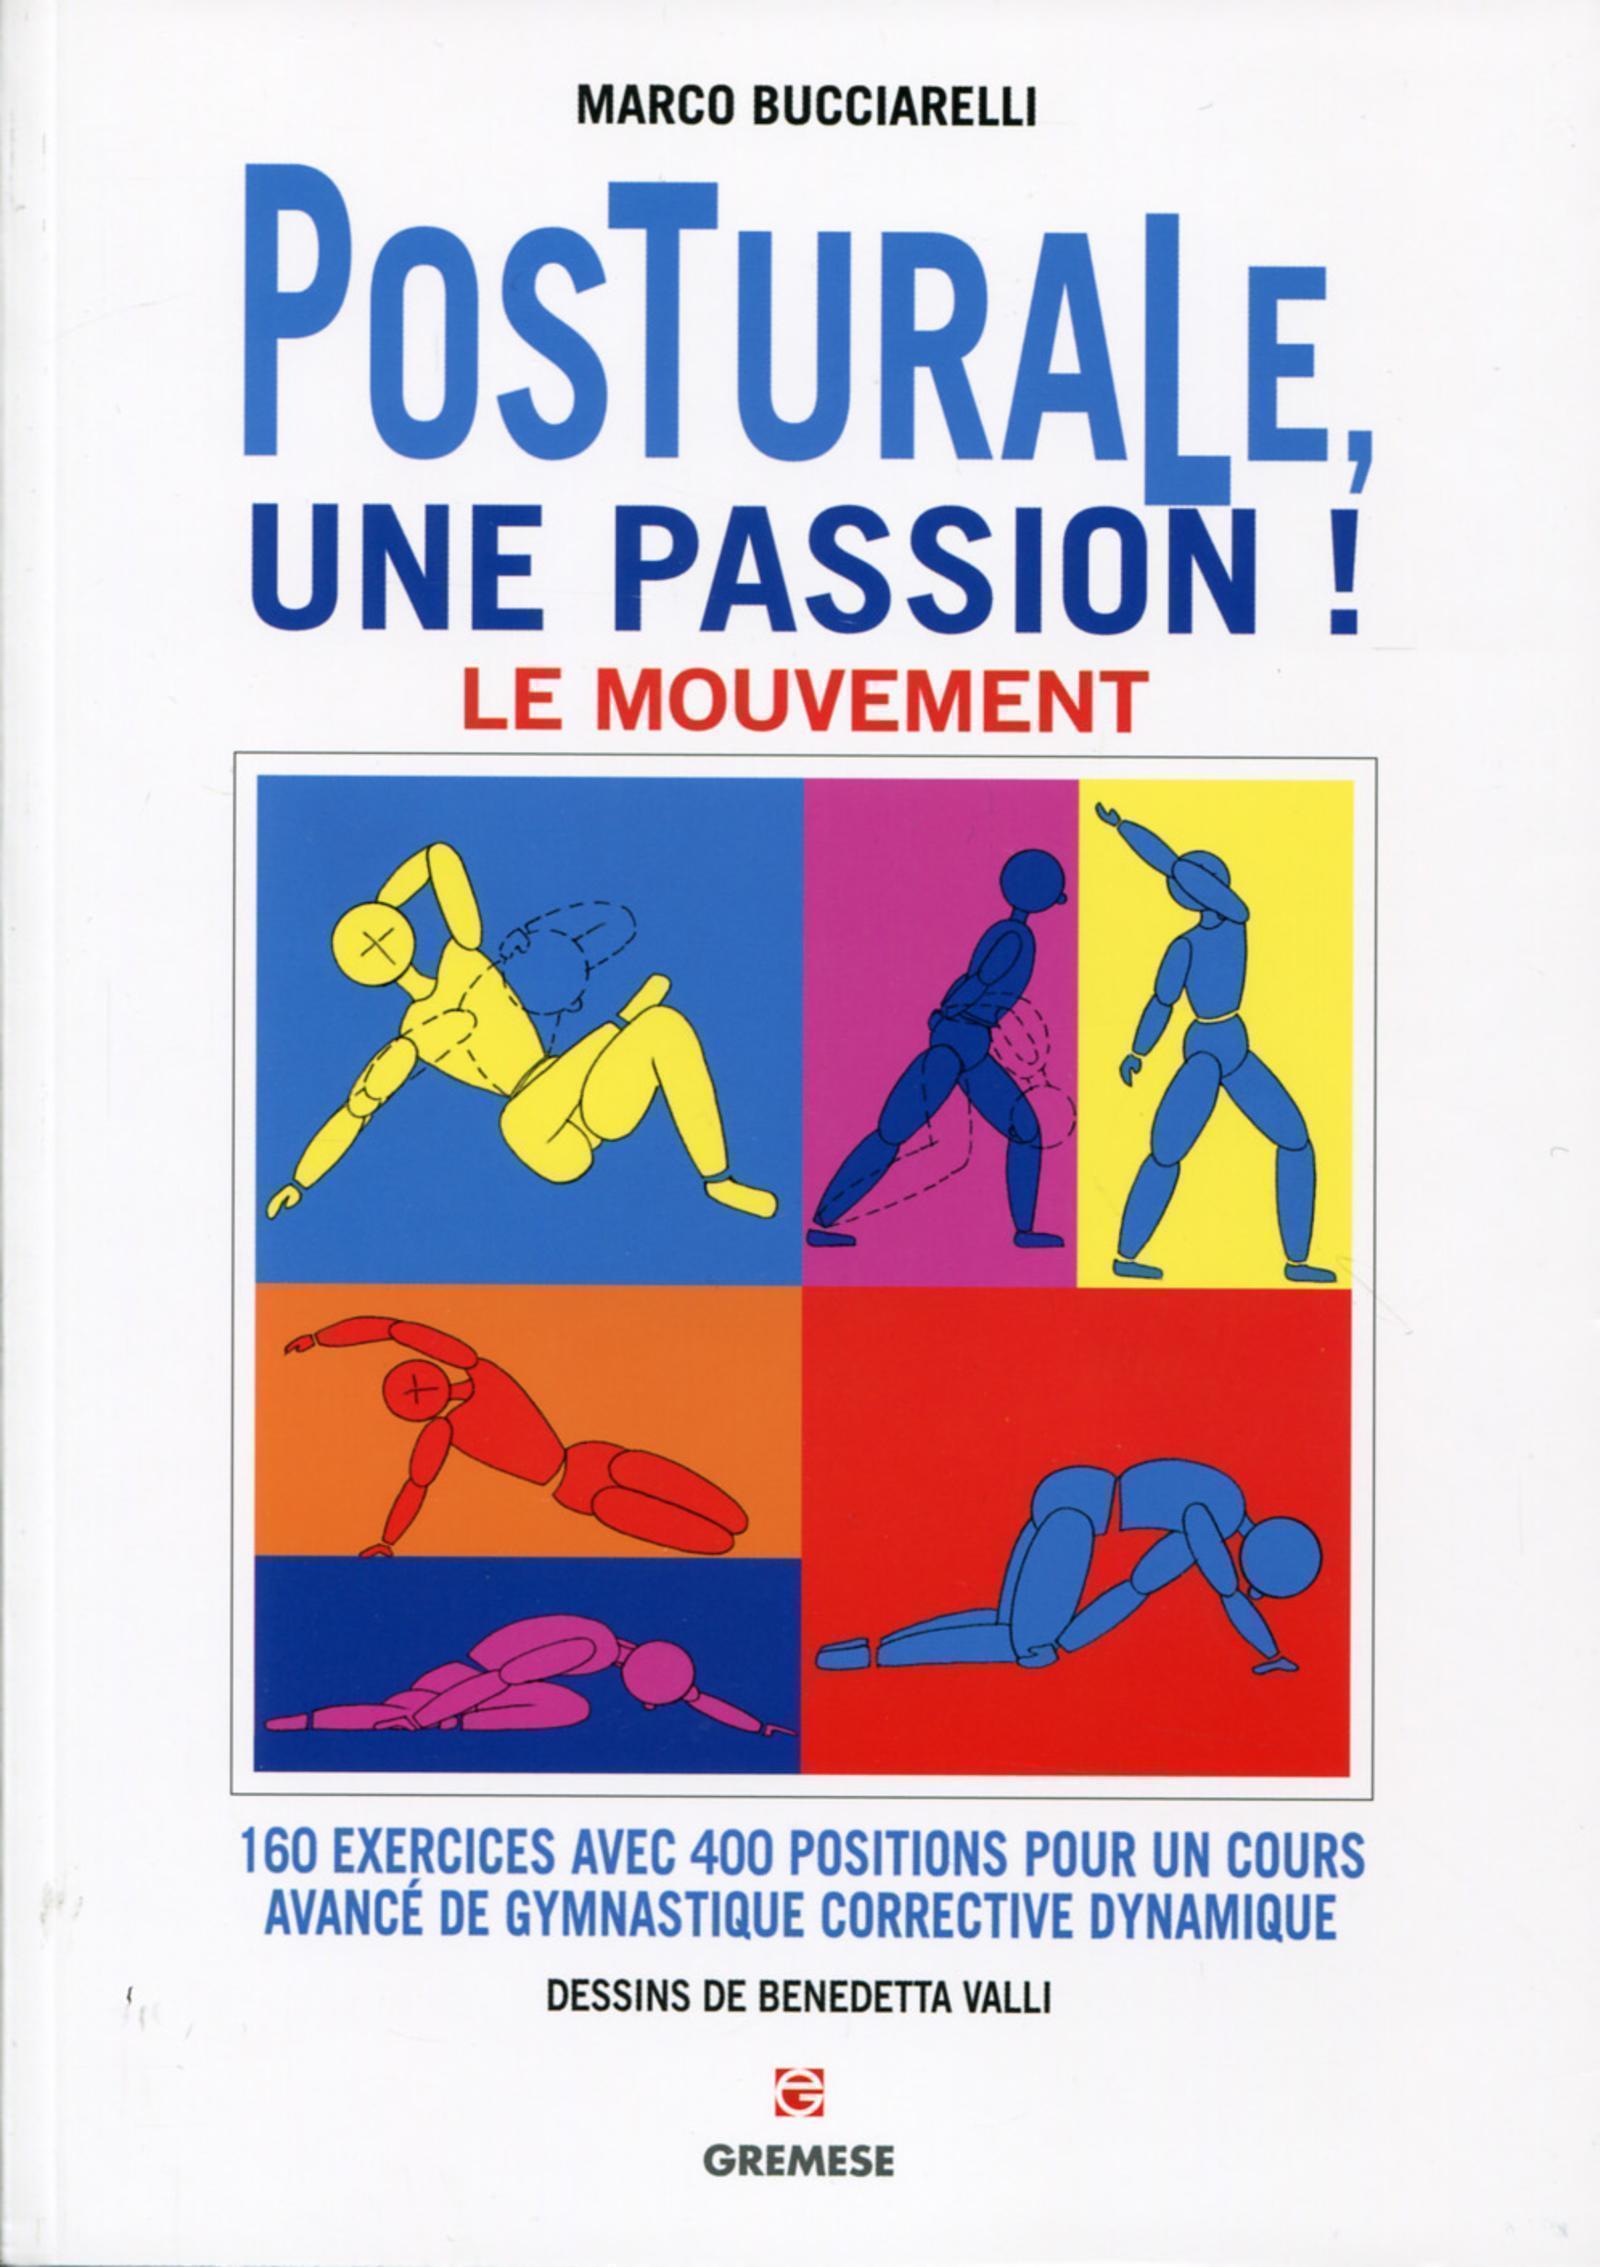 POSTURALE, UNE PASSION ! LE MOUVEMENT - 160 EXERCICES AVEC 400 POSITIONS POUR UN COURS AVANCE DE GYM